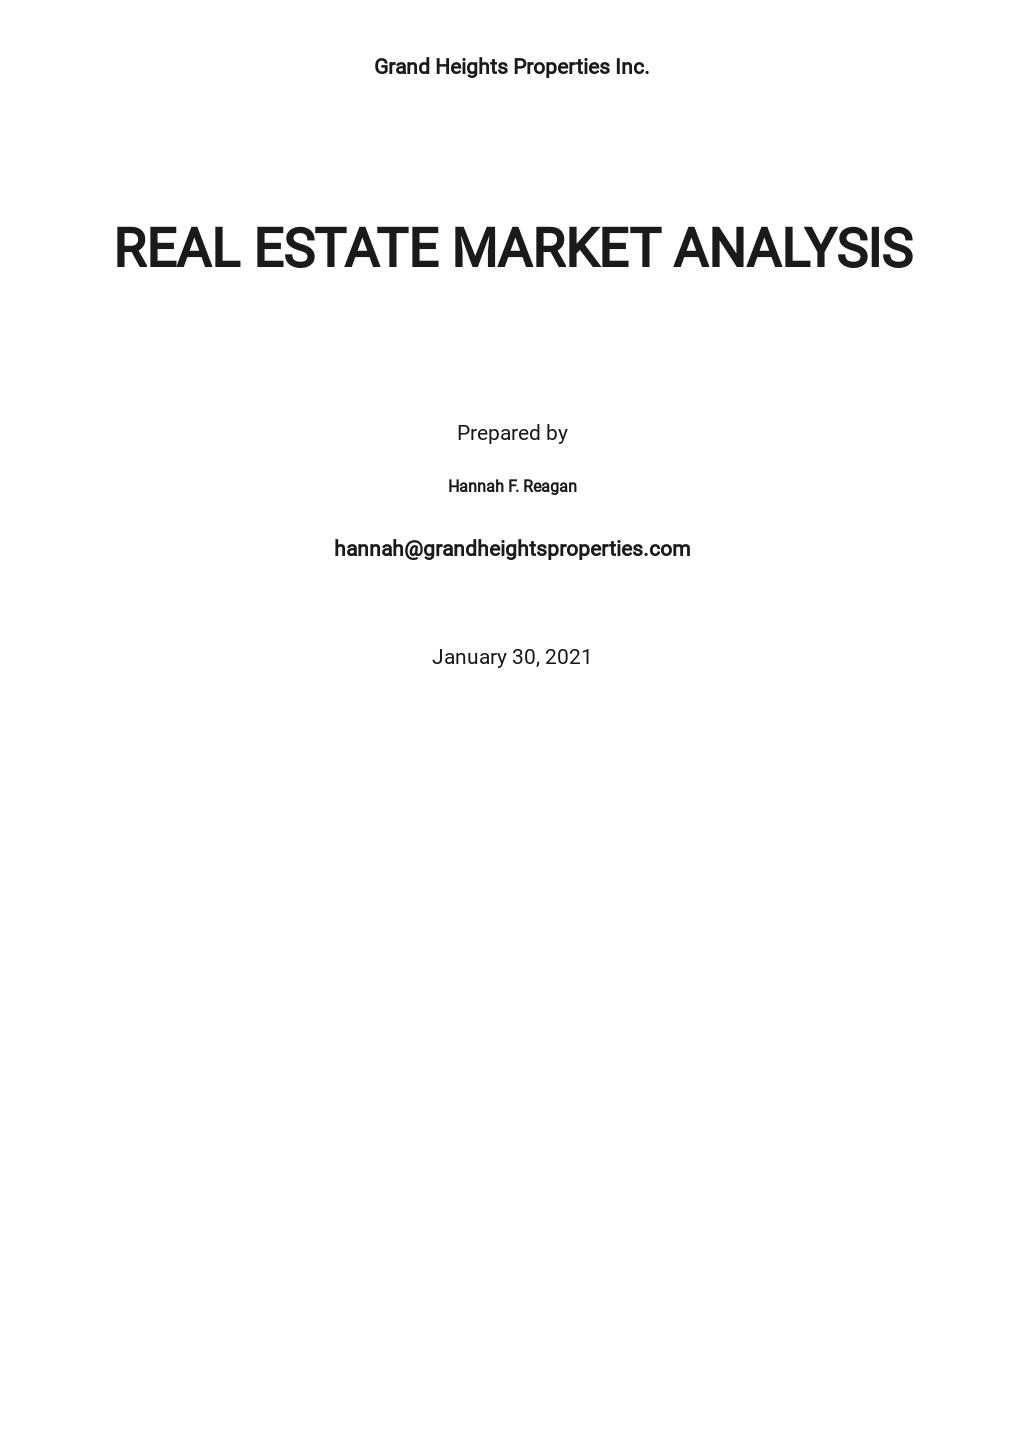 Free Basic Real Estate Market Analysis Template.jpe